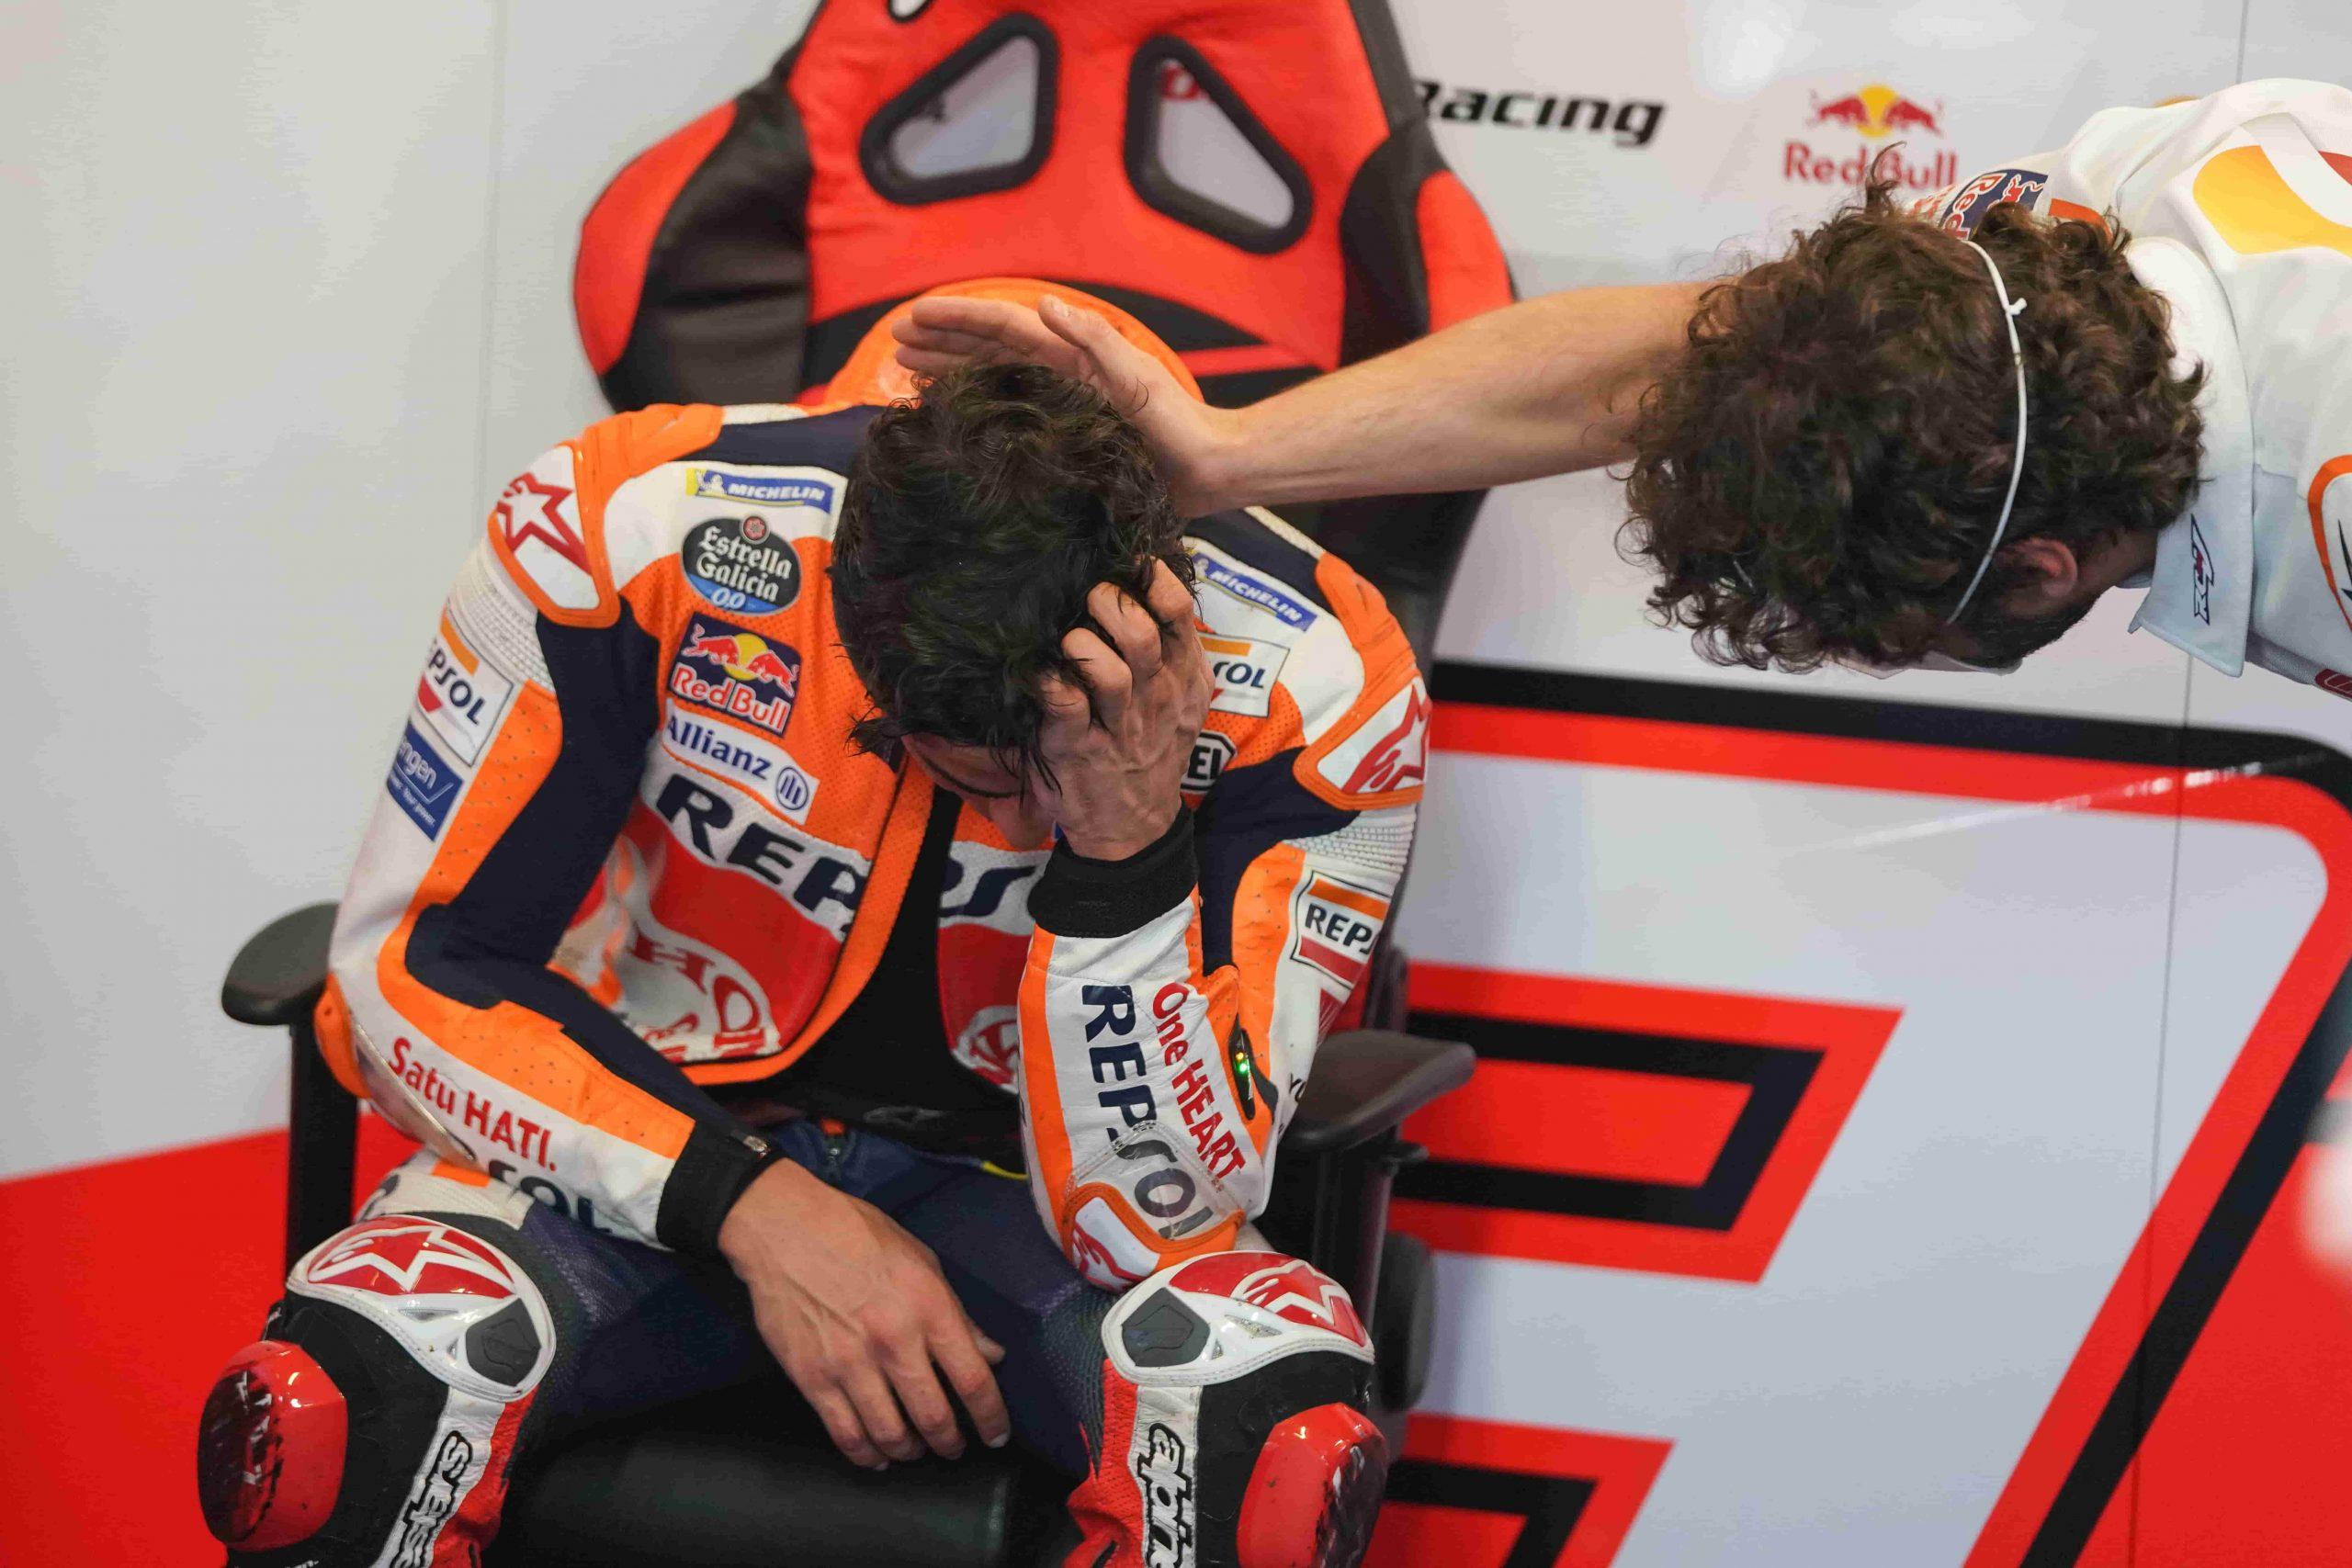 Háganle caso a Rossi, ahora que todavía pueden